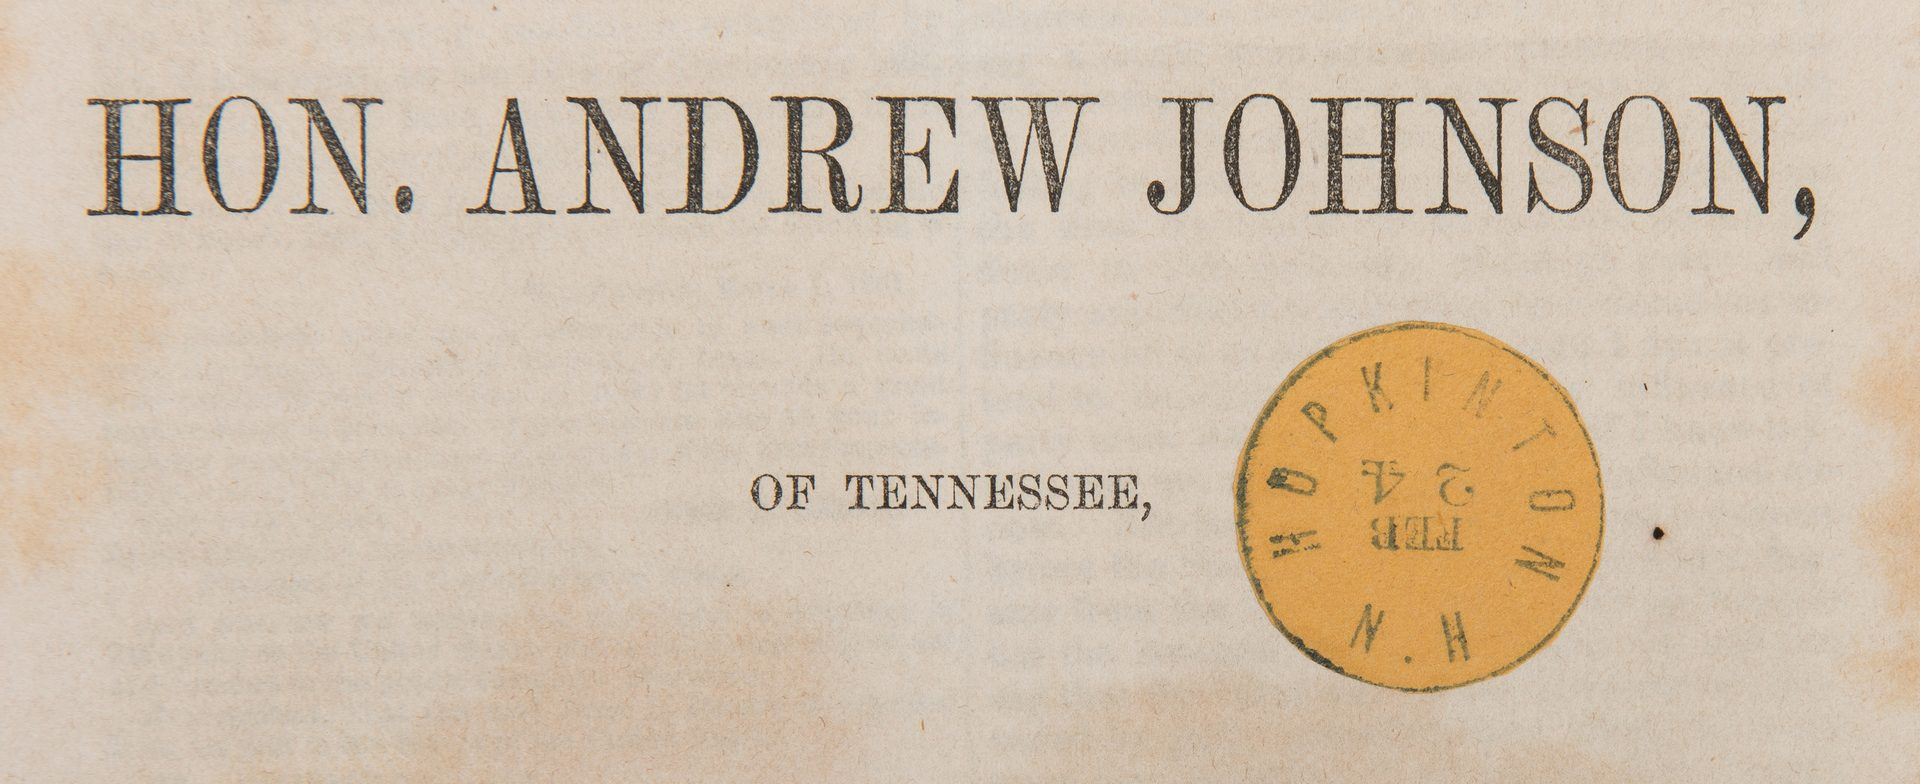 Lot 756: 6 US Senate Pubs., incl. President Jackson Nullification Crisis